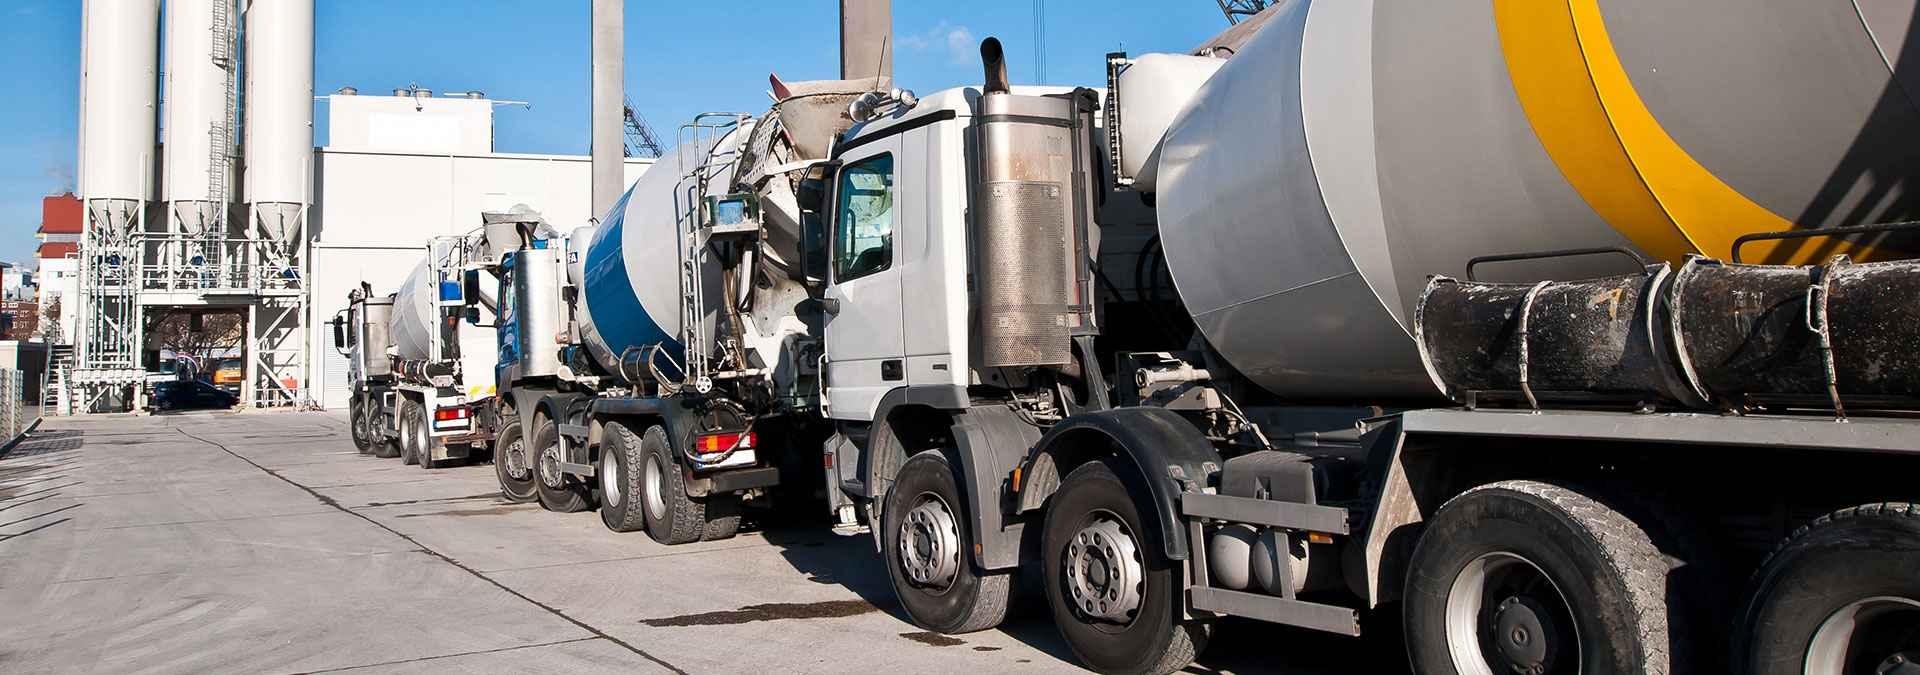 Three Concrete mixers